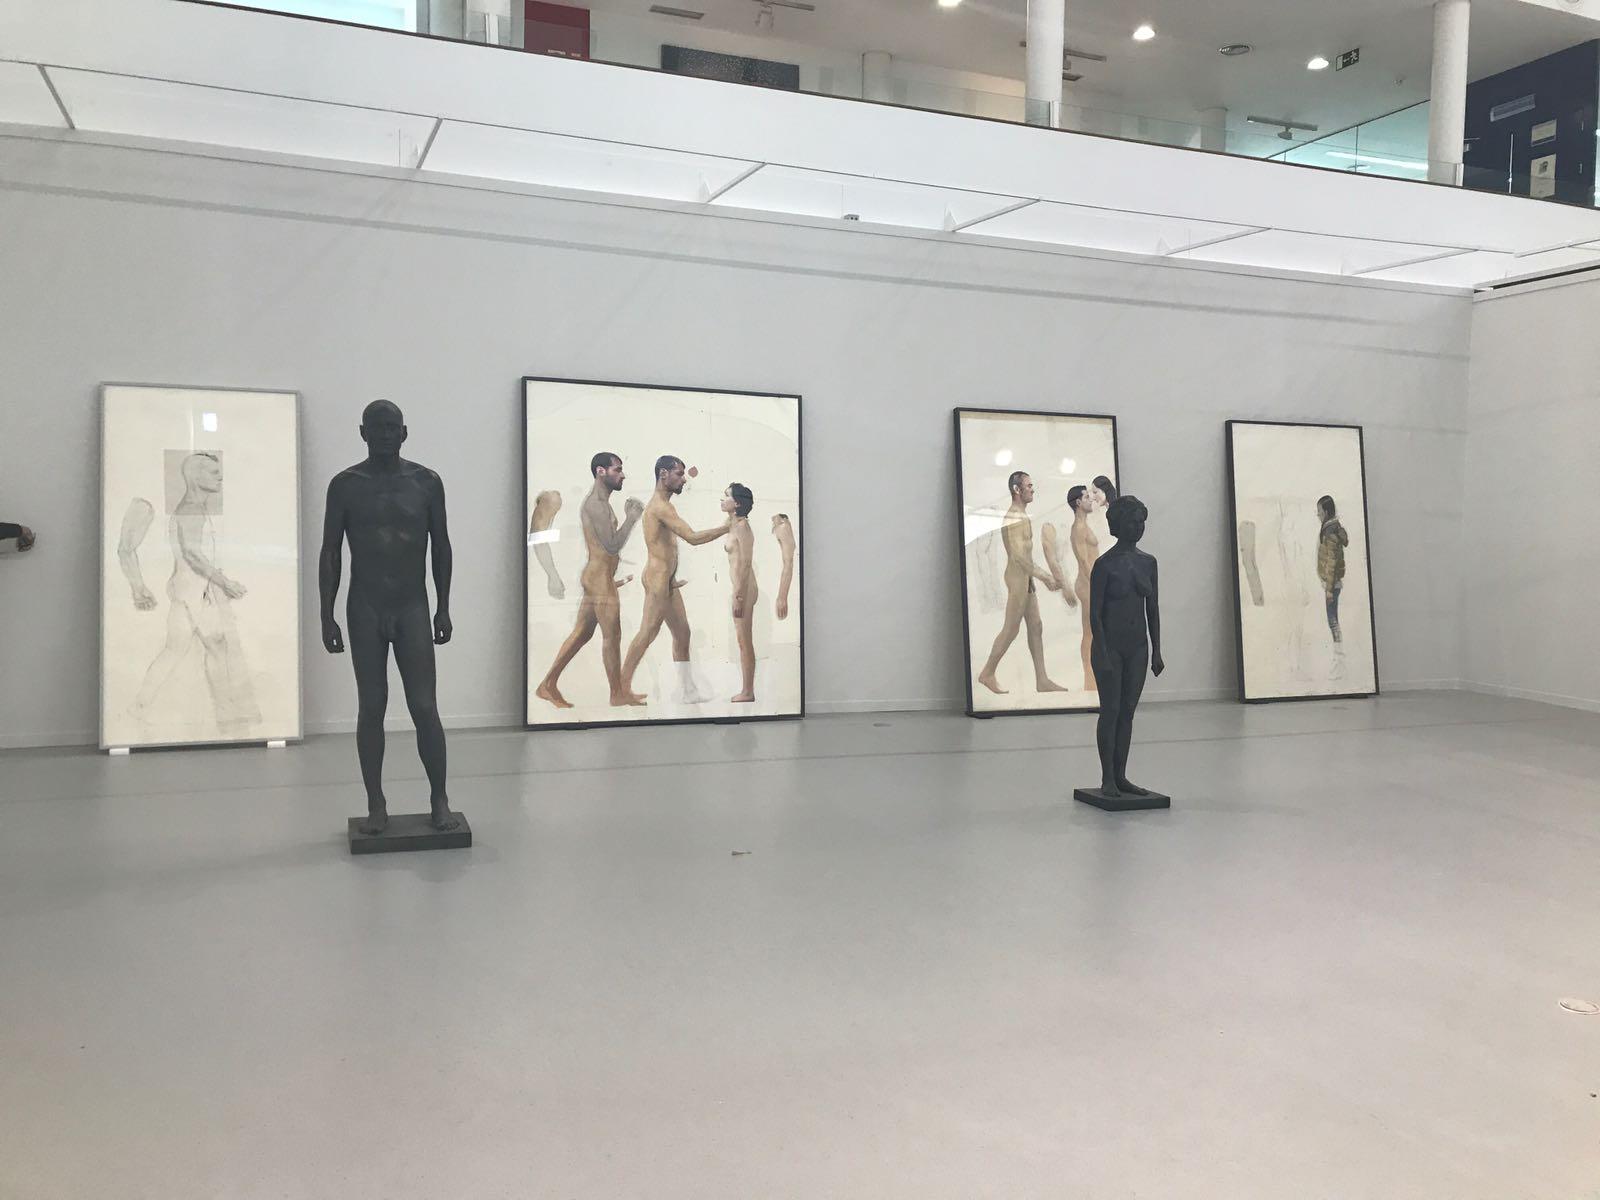 Obras de Antonio López enFuenlabrada